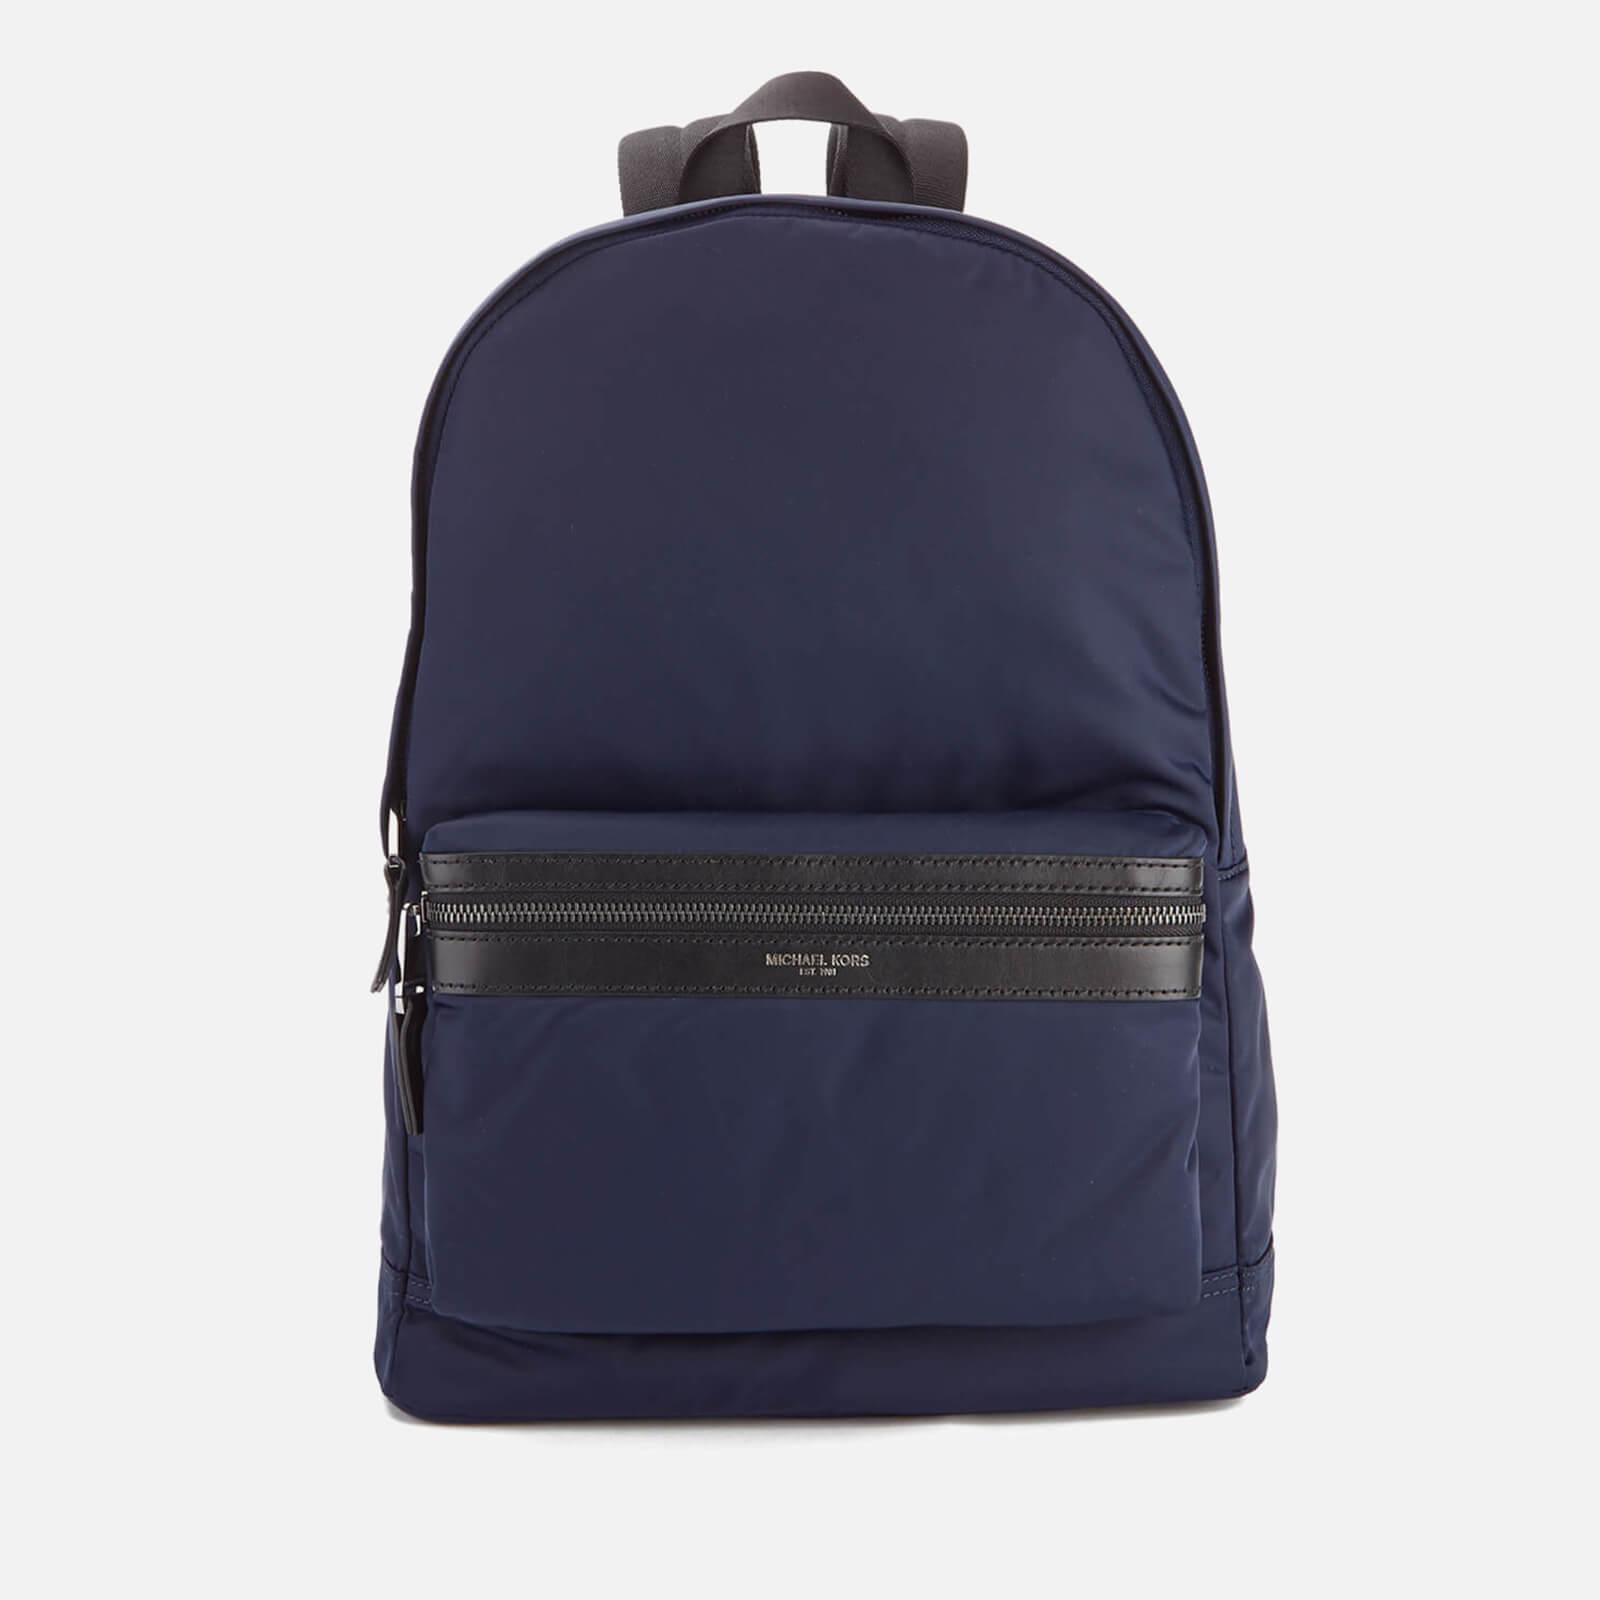 e4c1407ceb Lyst - Michael Kors Men s Kent Nylon Backpack in Blue for Men